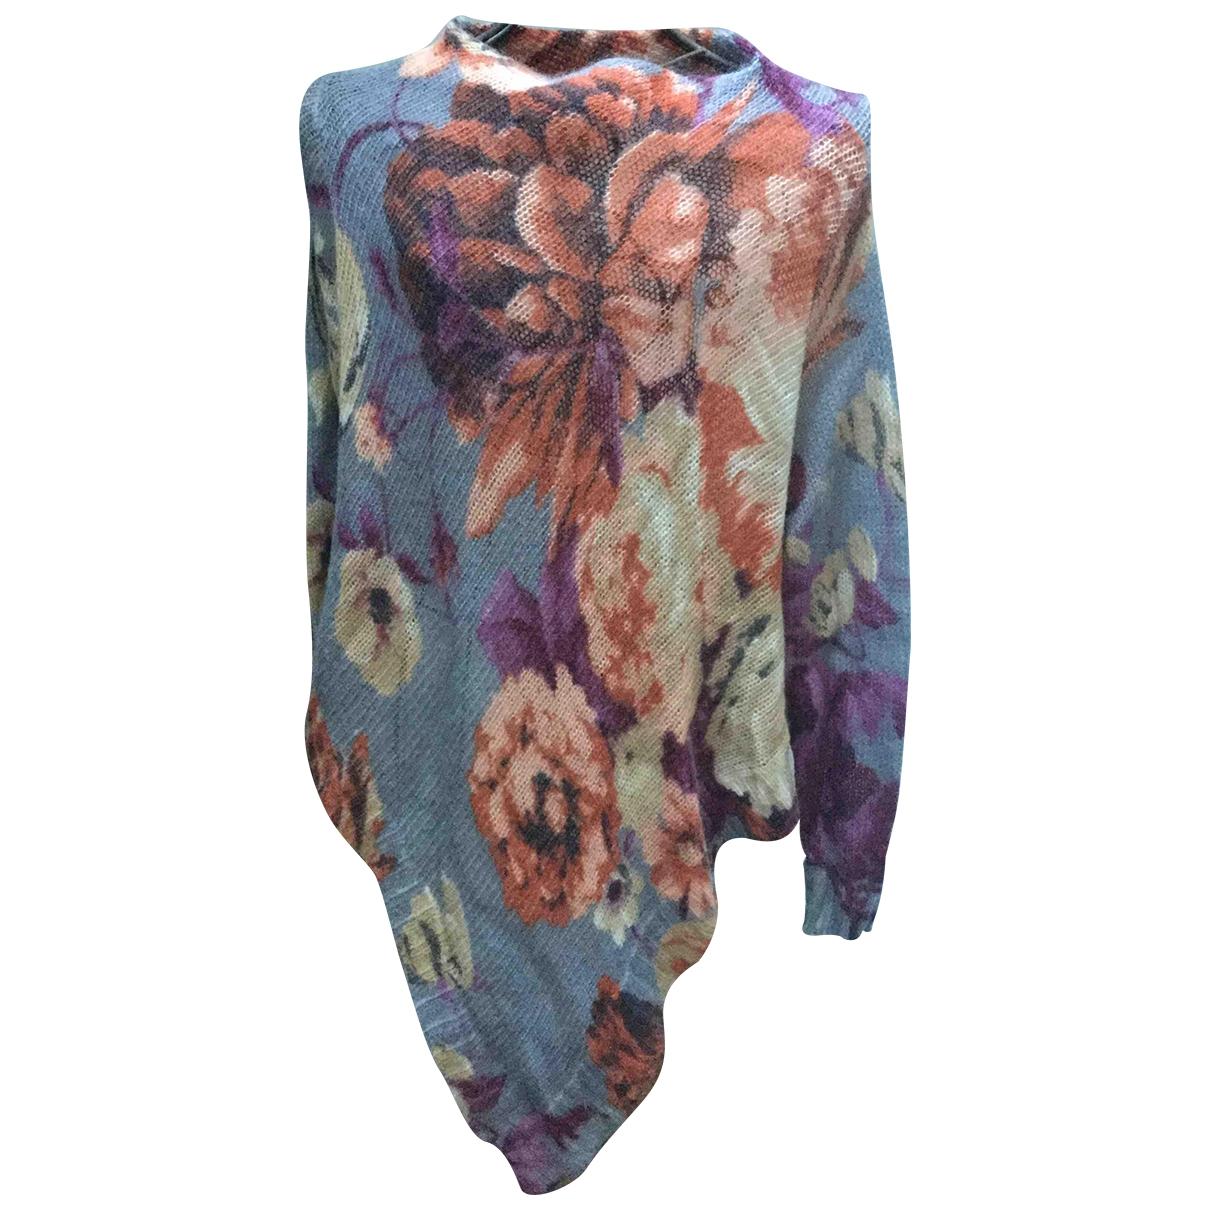 Kenzo N Multicolour Wool Knitwear for Women S International